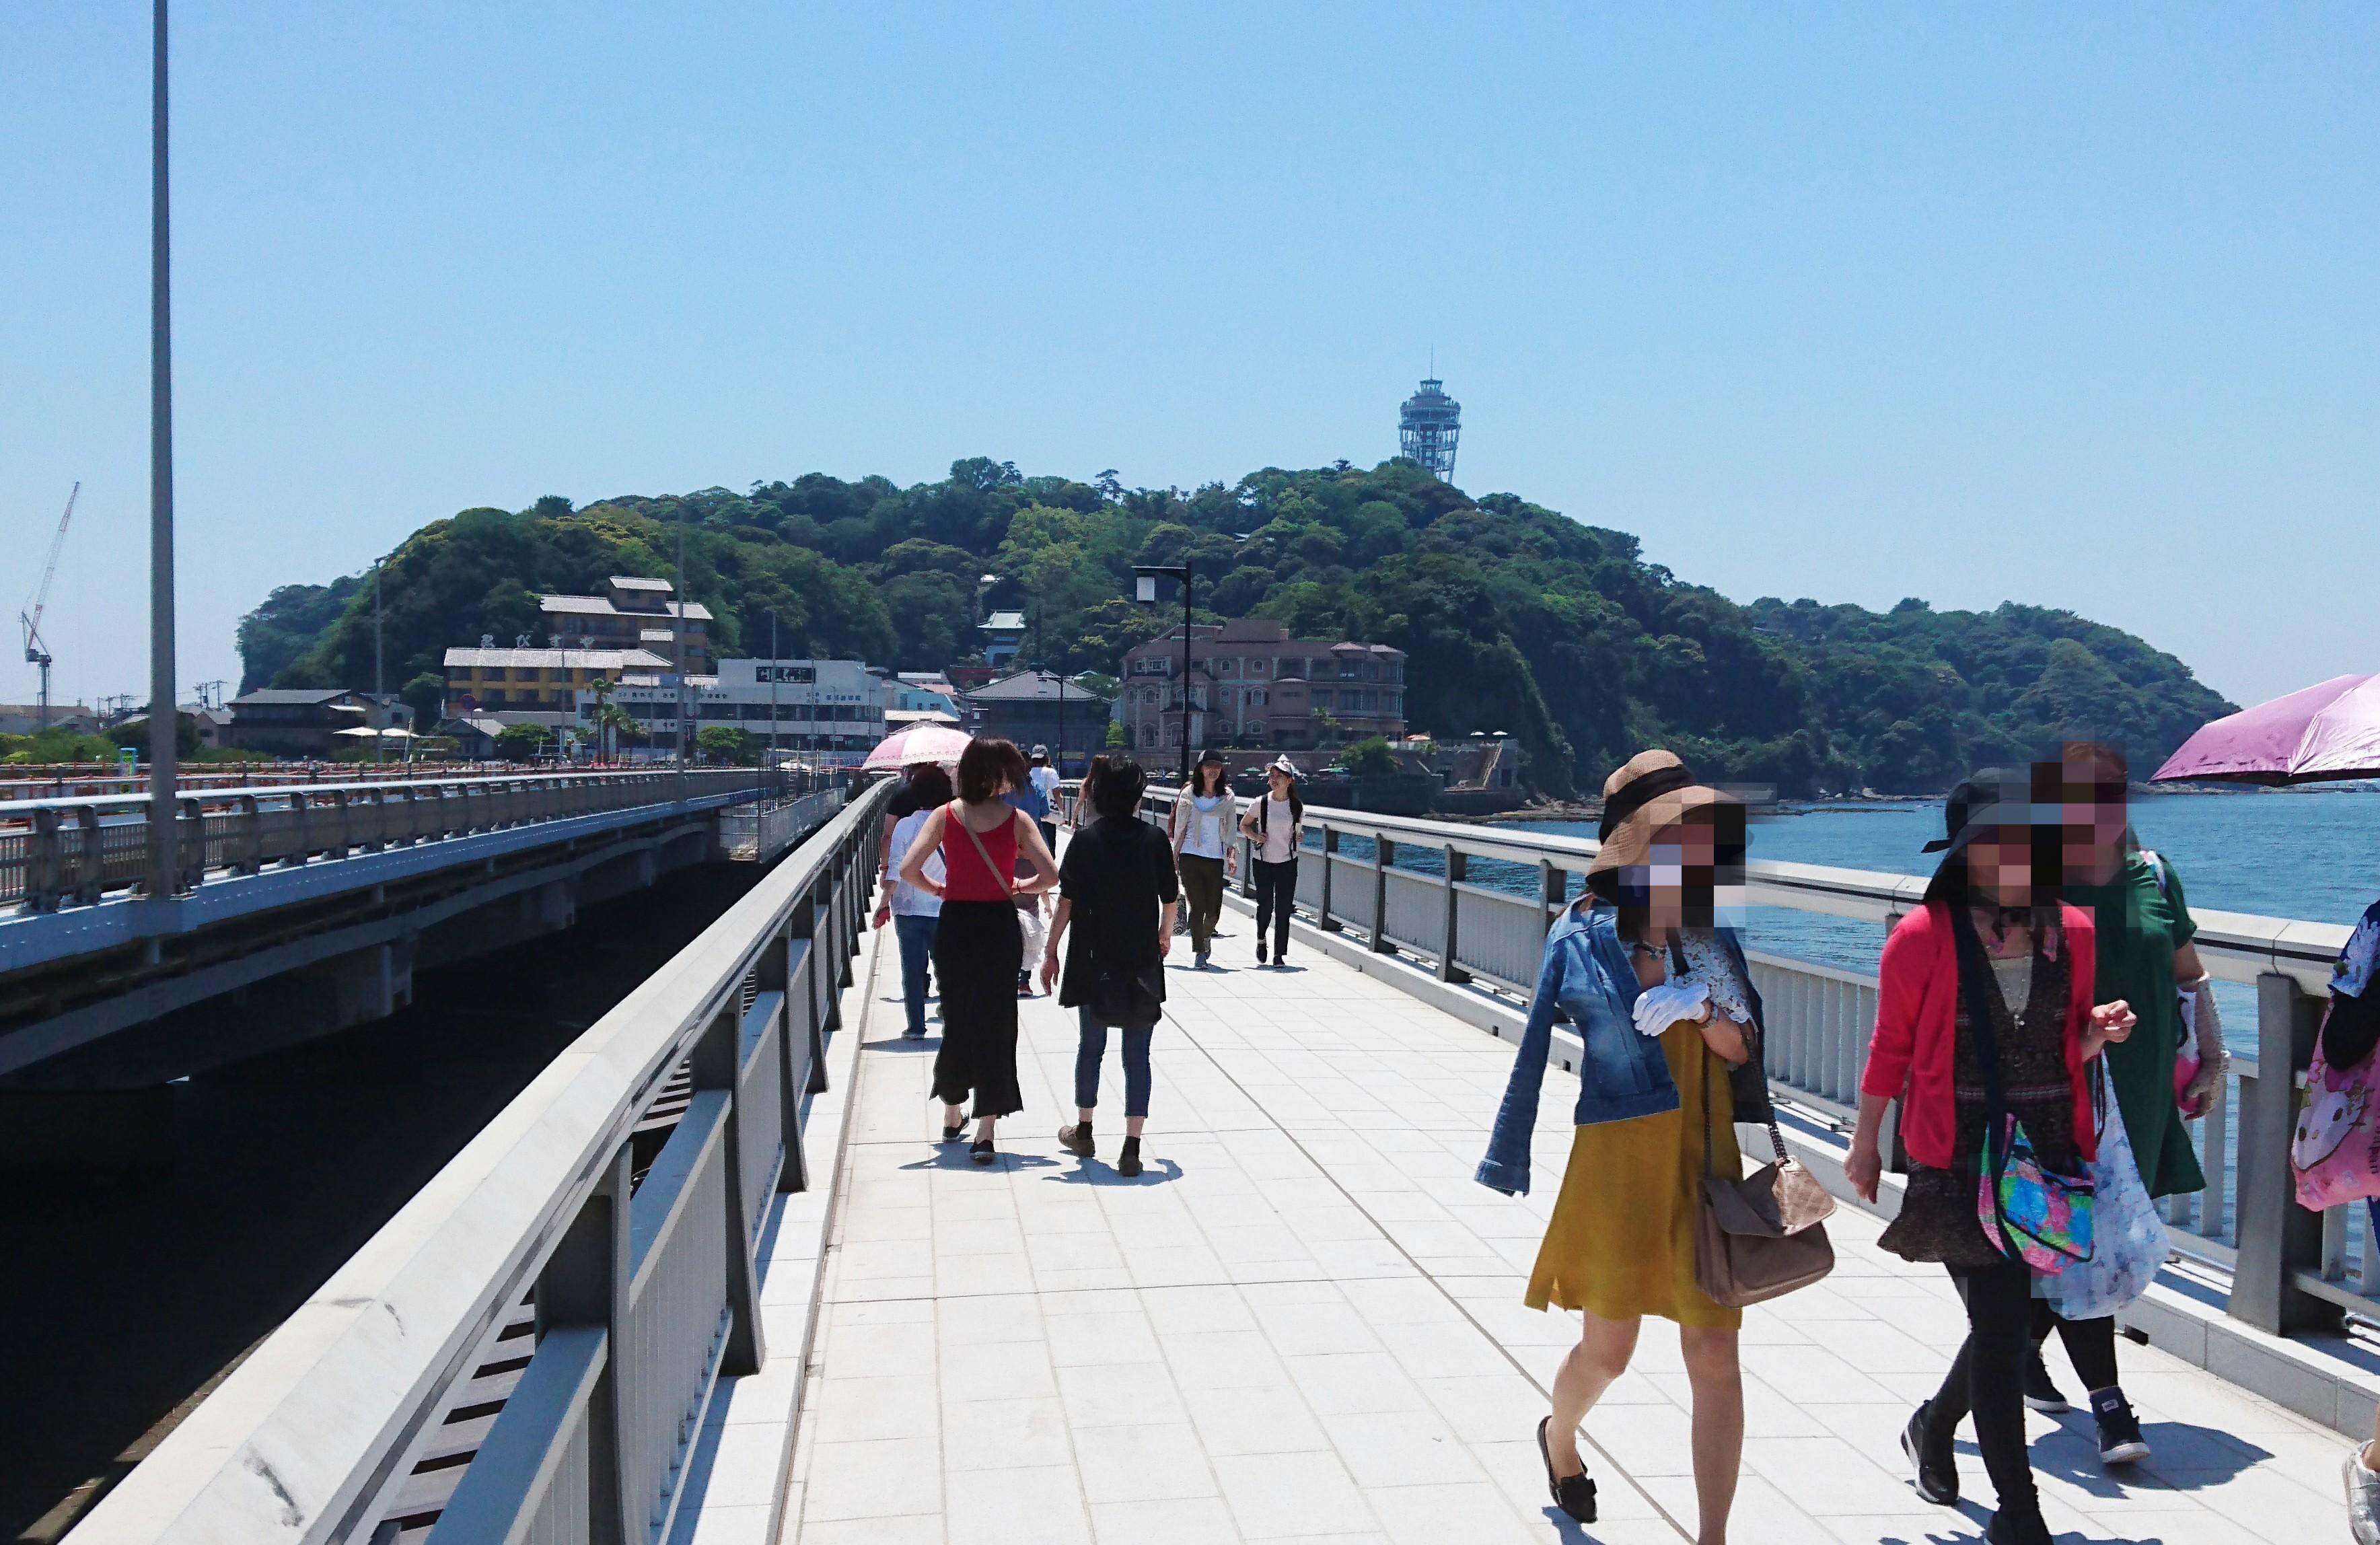 江ノ島で子供と遊ぼう 超絶楽しんでたのは江ノ島の裏側